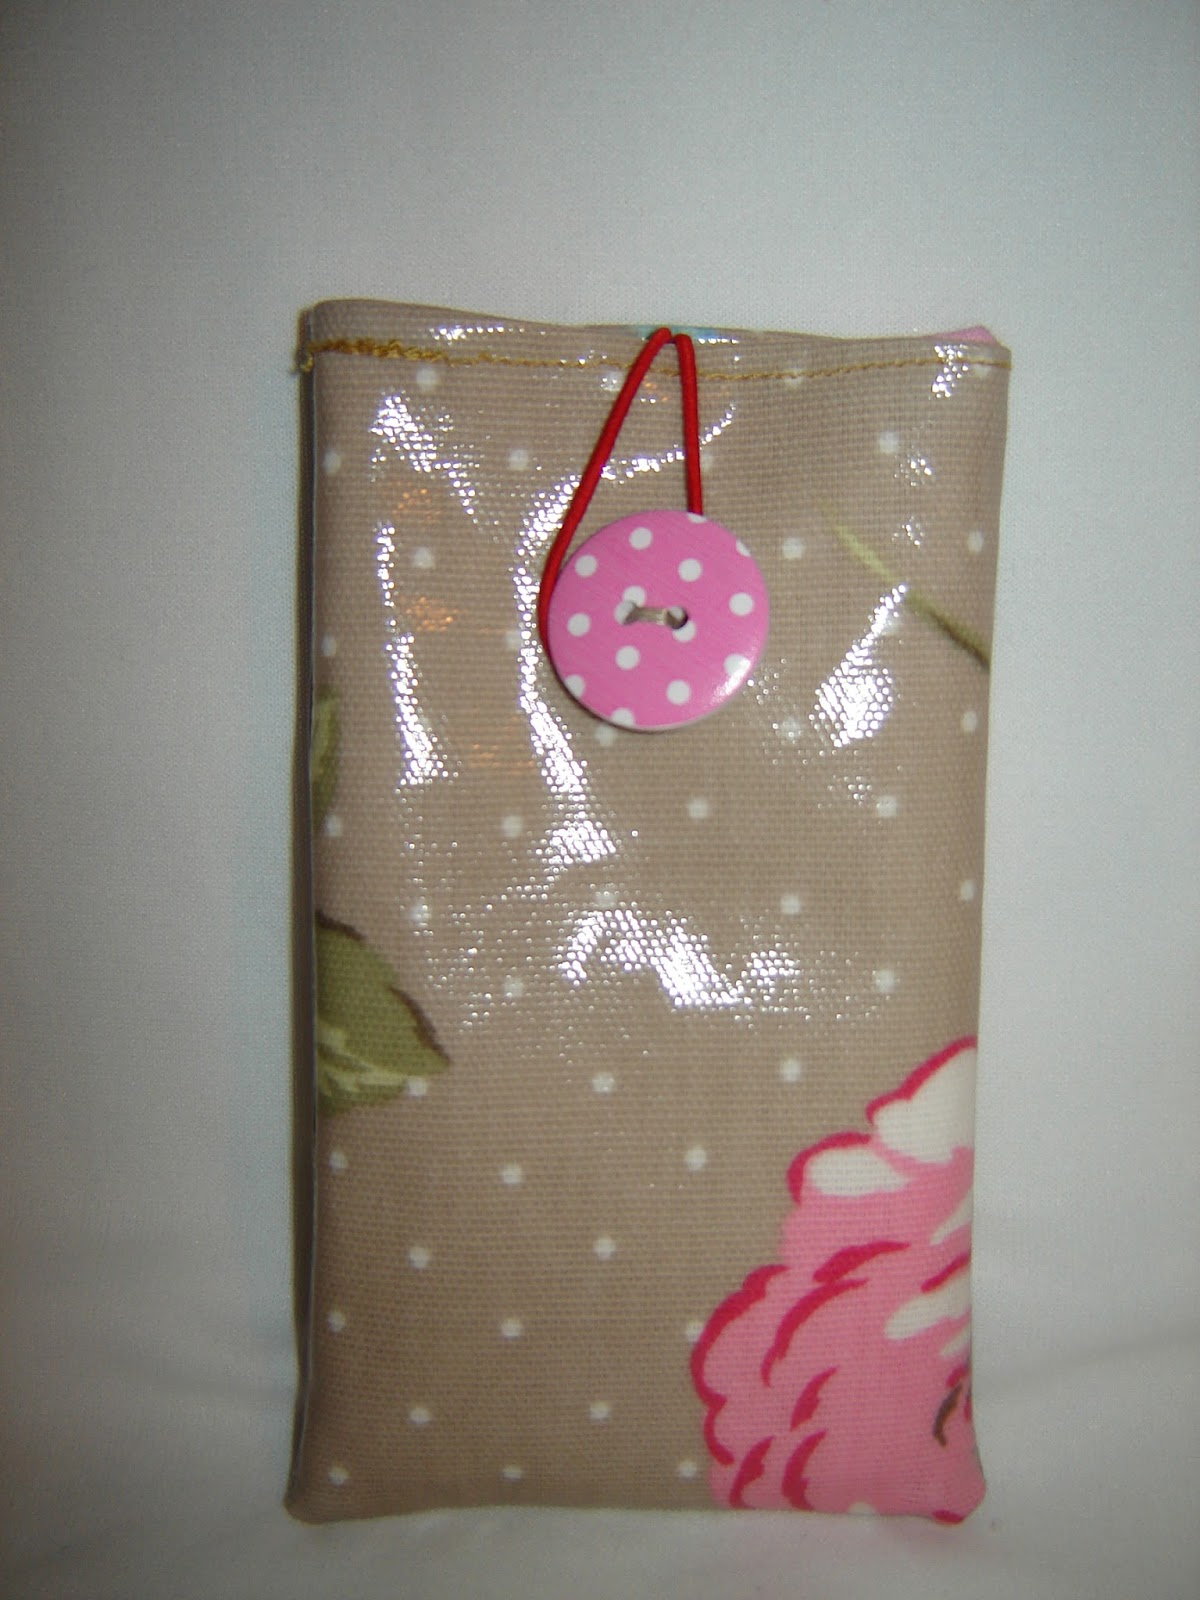 Bolsa Em Tecido Para Telemovel : Handmade for you by s?nia filipe bolsa para telemovel em